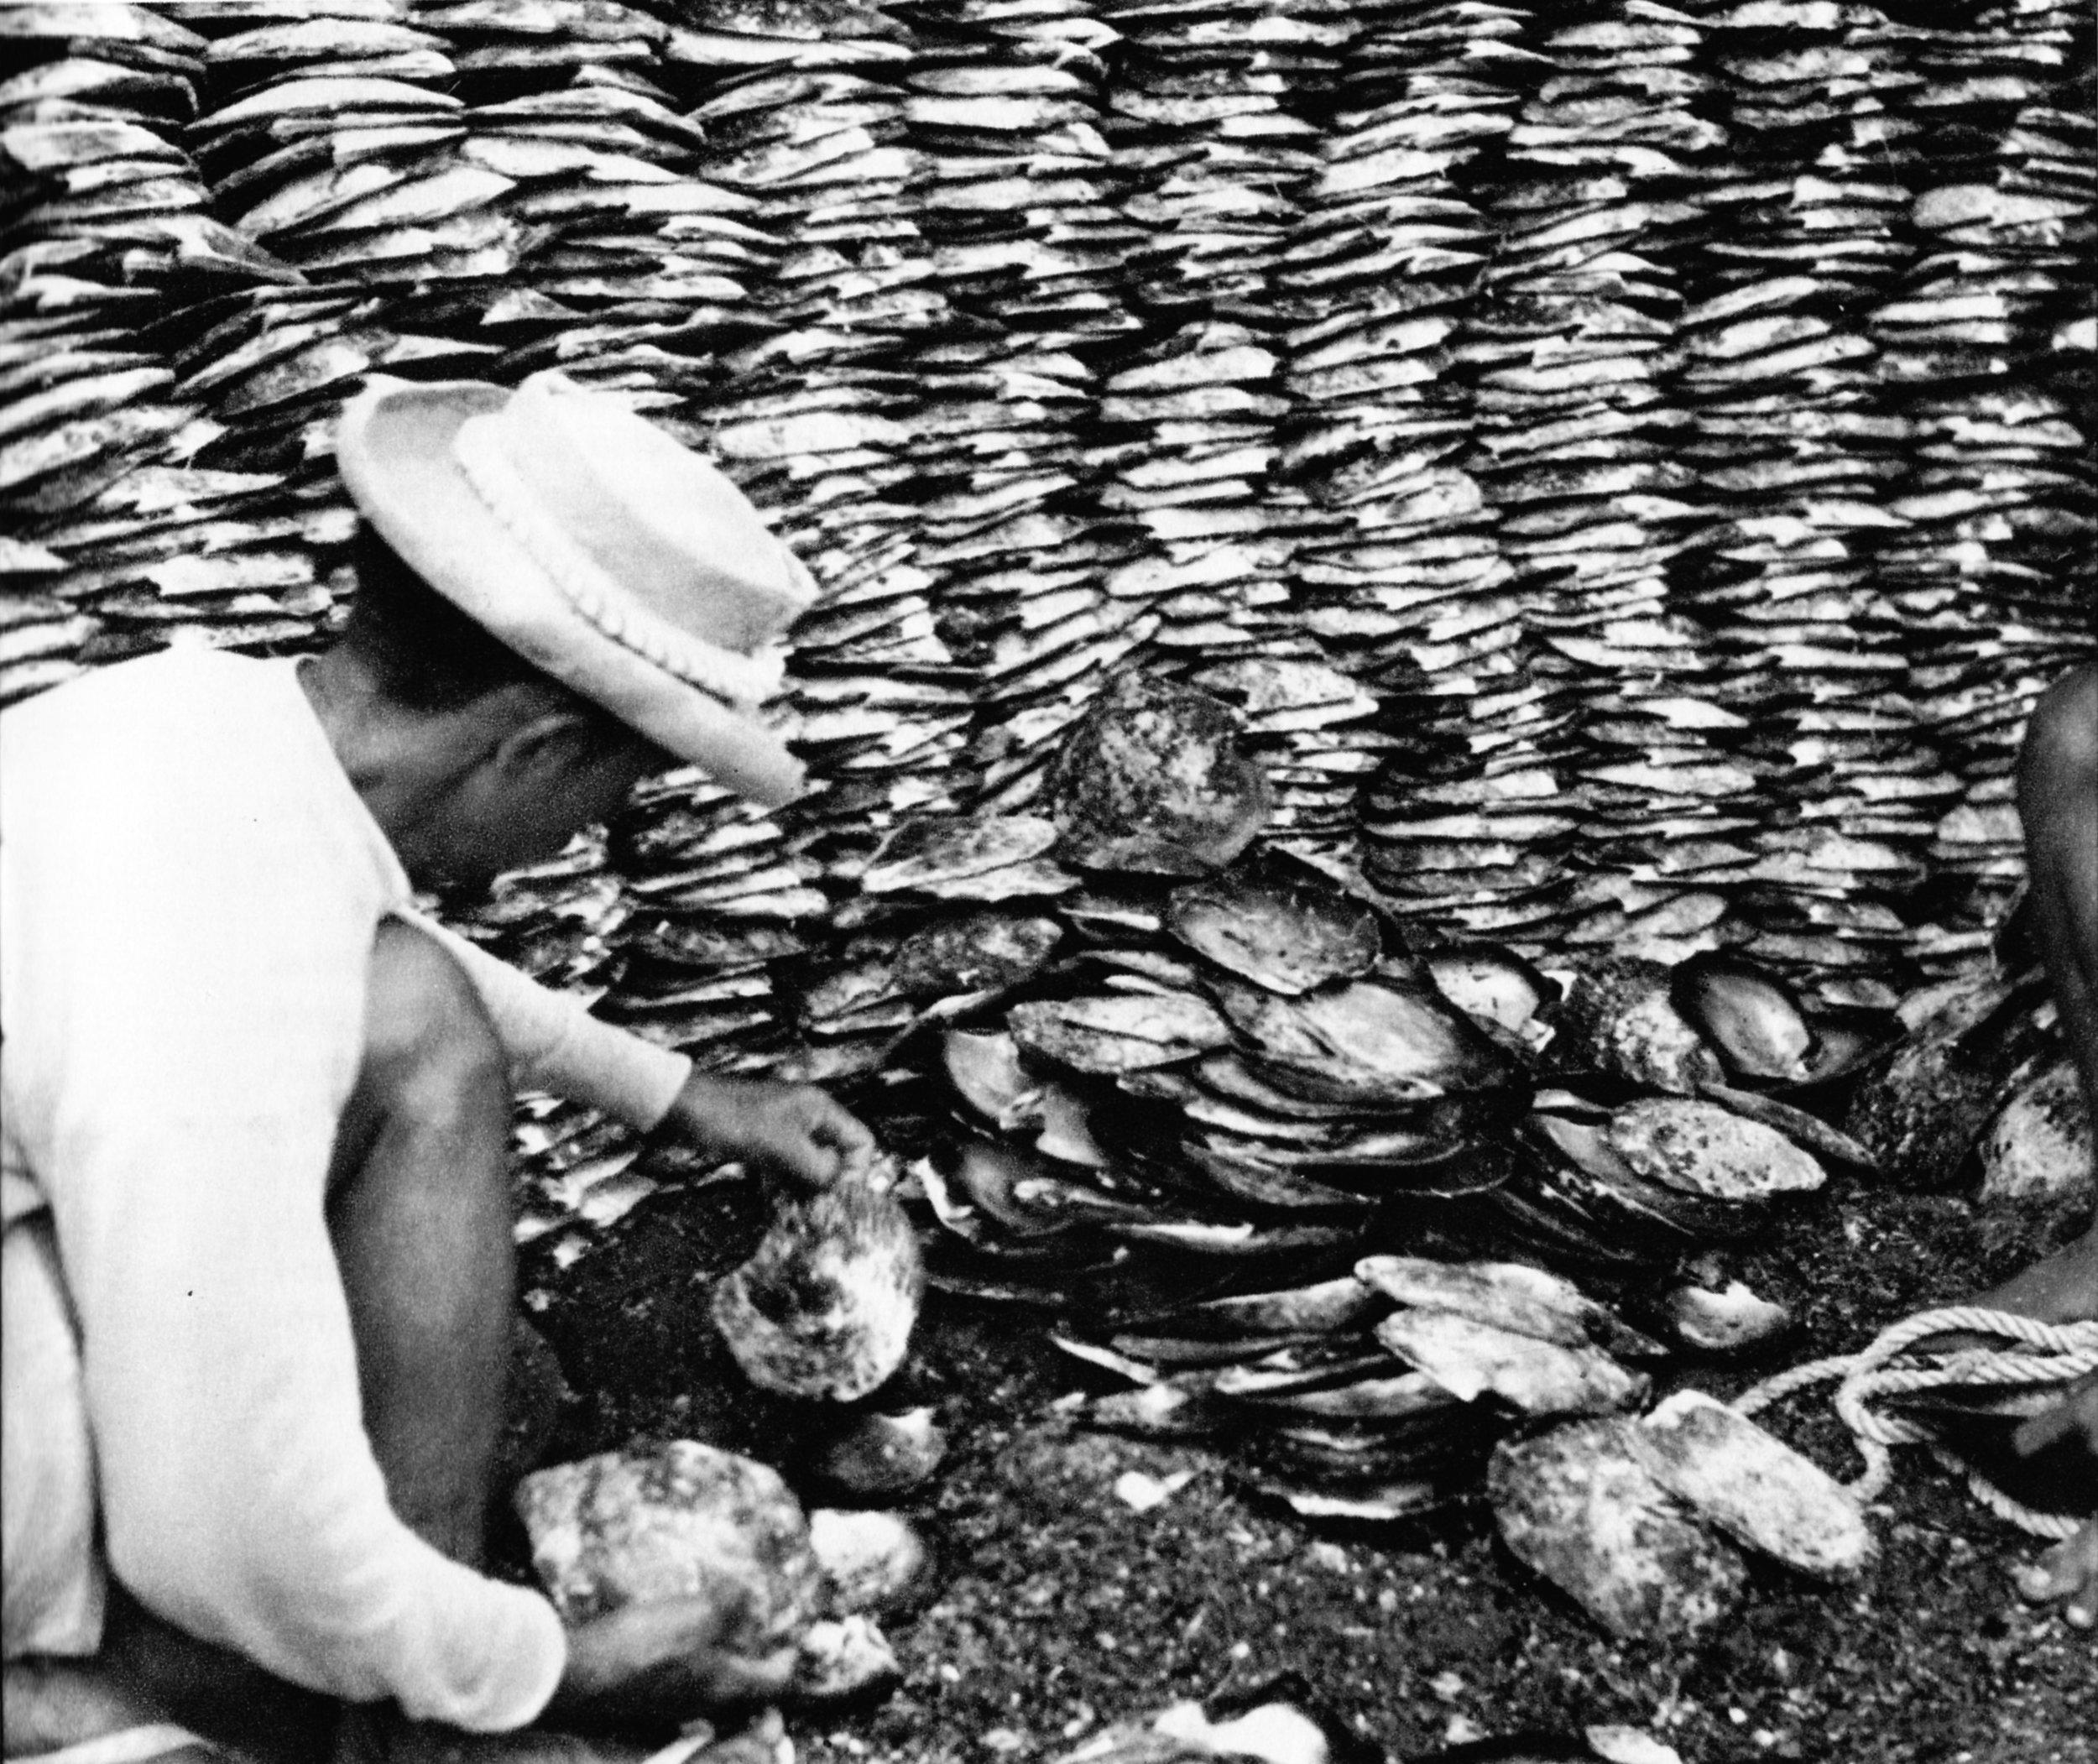 Reed_Tri et stockage des huitre s nacrières (CL. L. Molet).jpeg